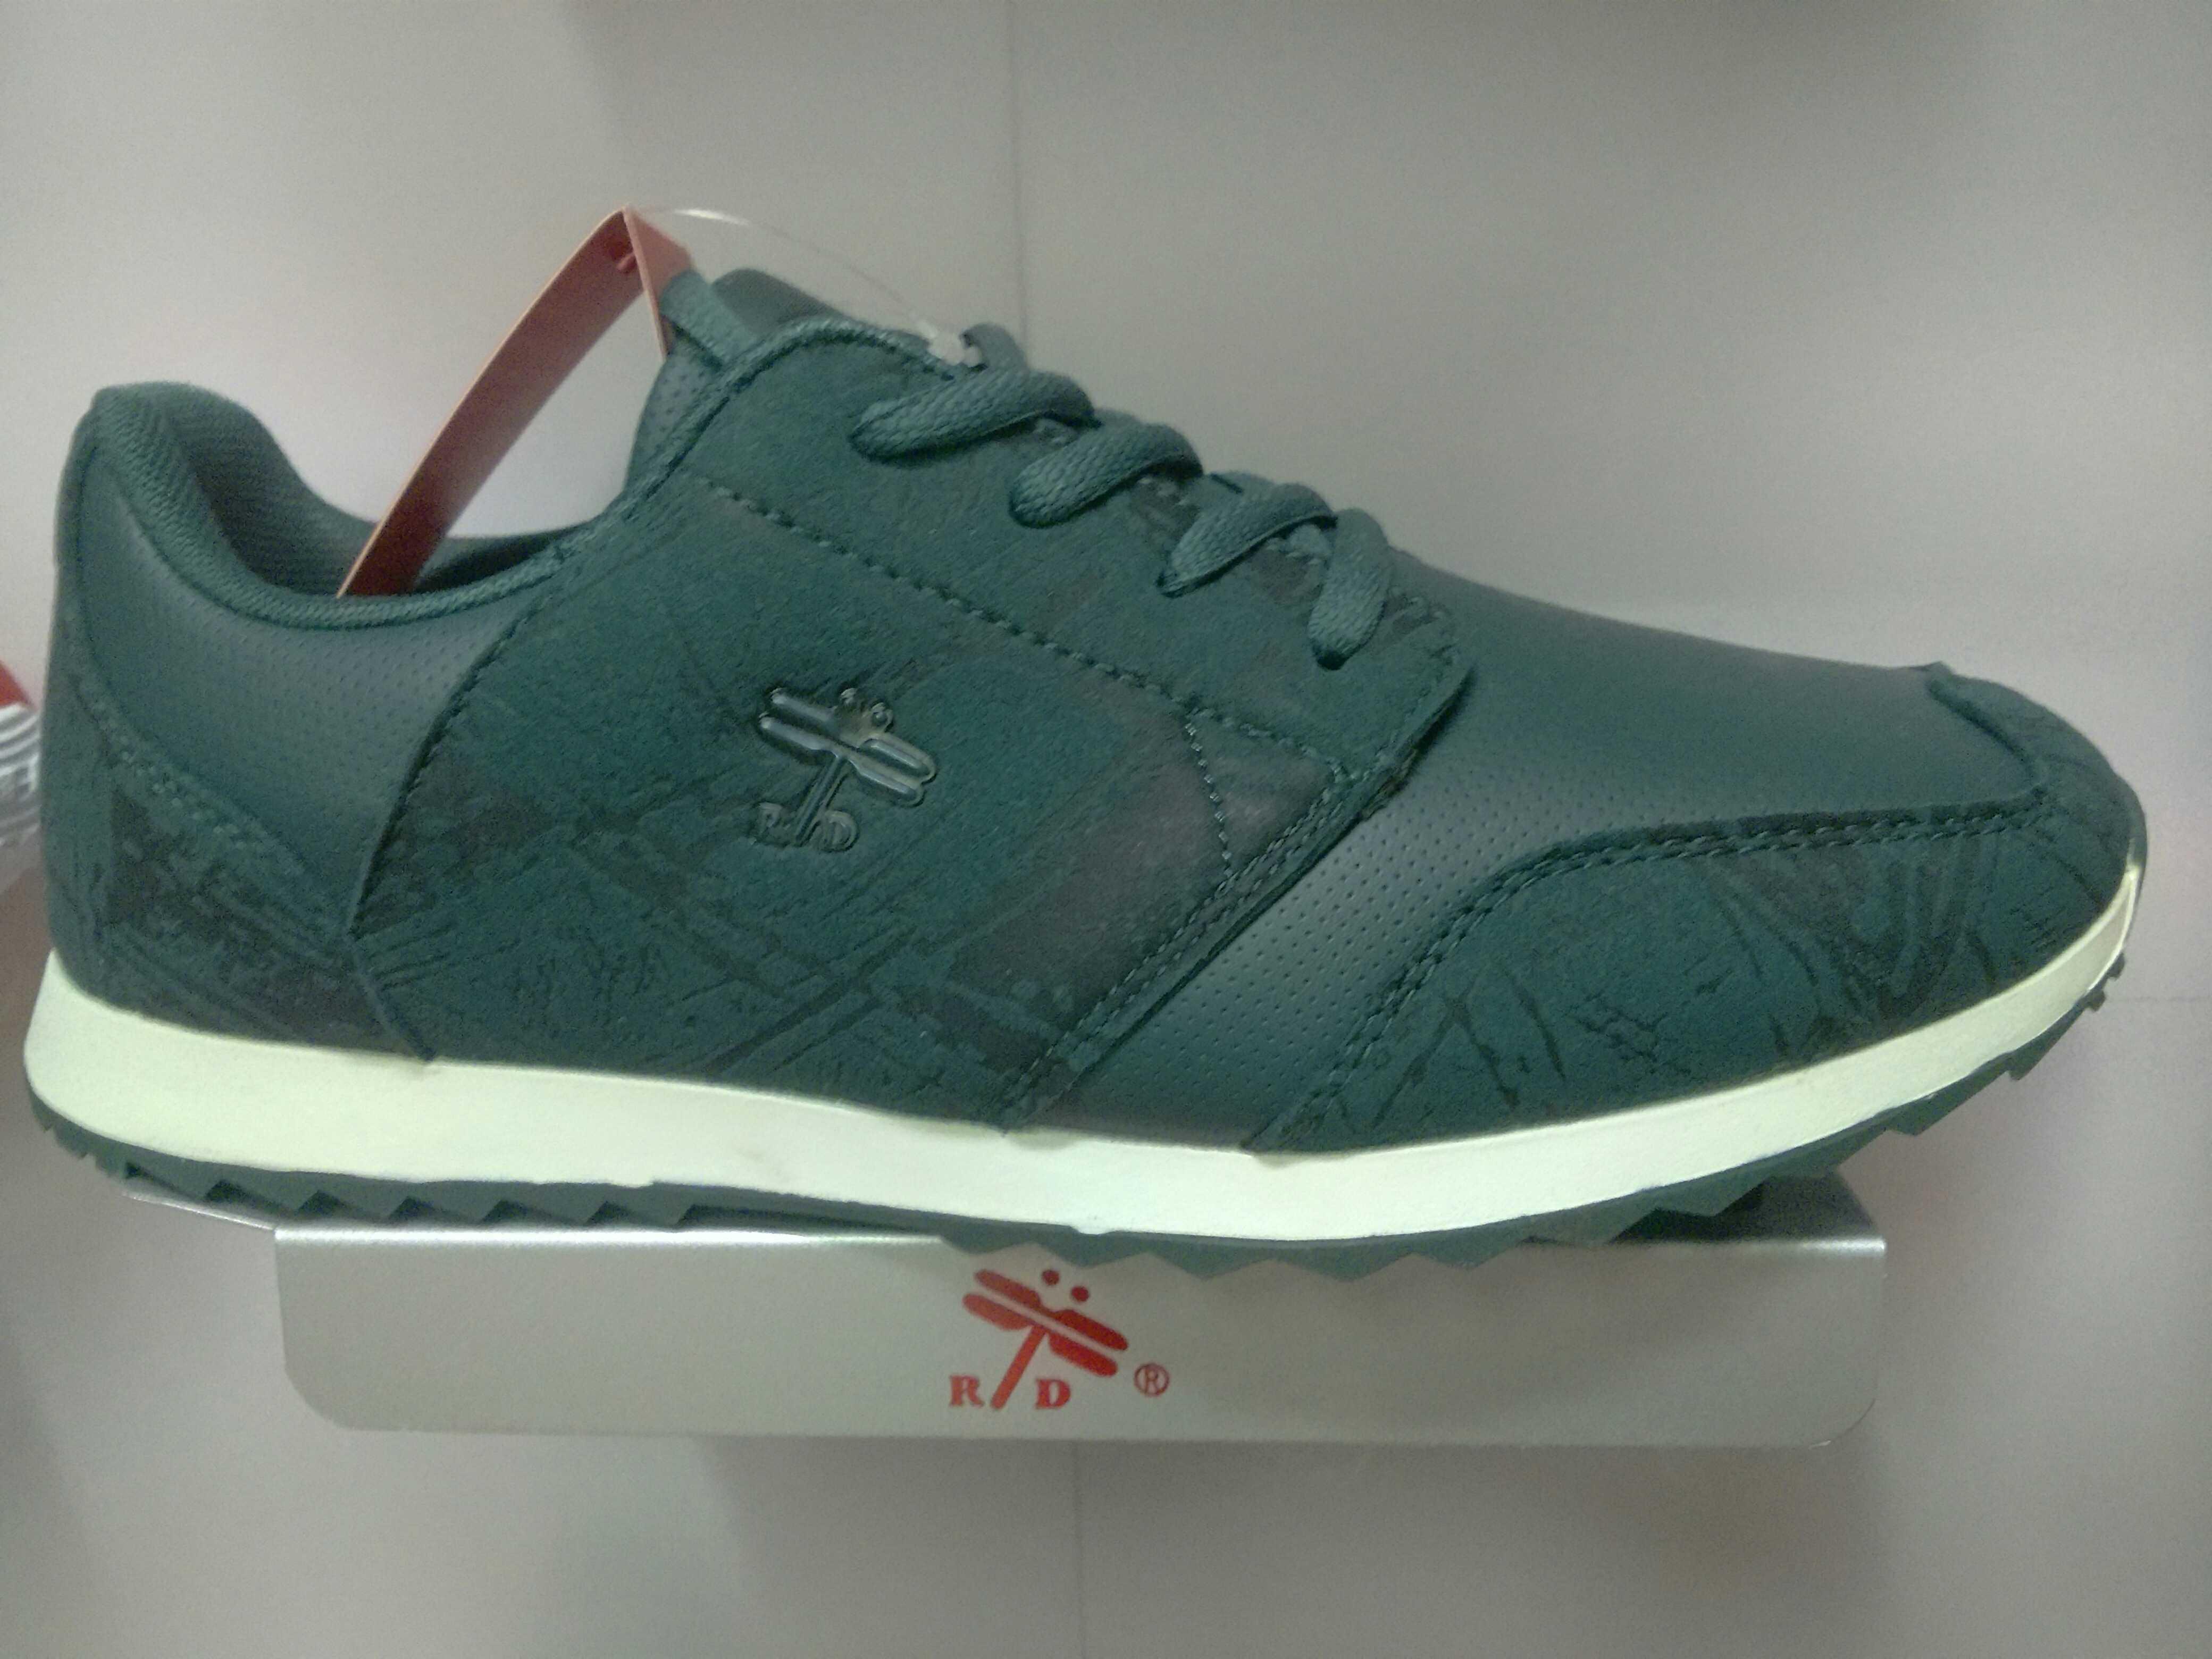 台湾RD品牌休闲鞋特卖运动鞋男士休闲运动透气舒适男鞋